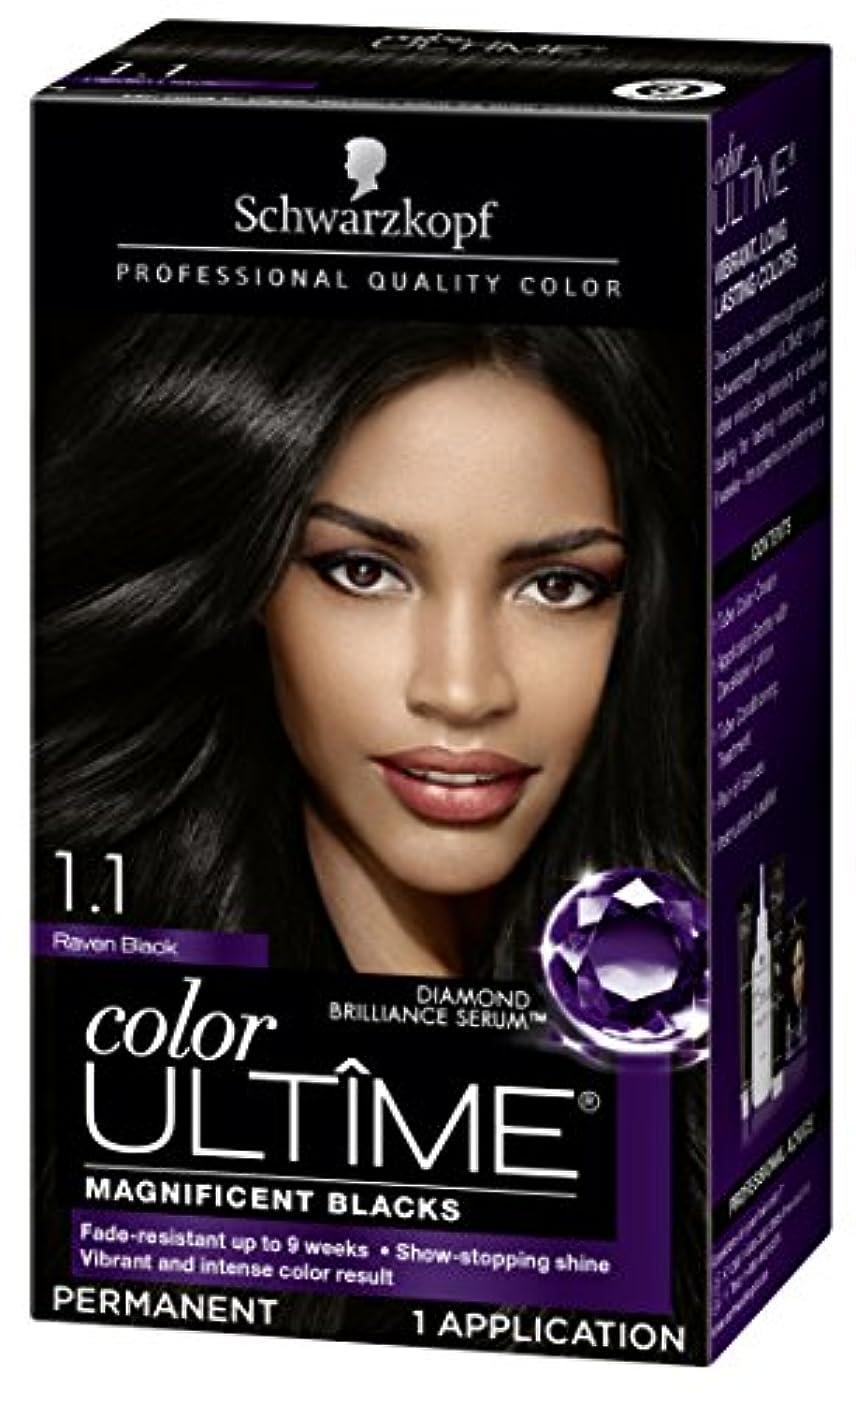 出血異なるイデオロギーSchwarzkopf 色ULTIMEヘアカラークリーム、1.1レイブンブラック(梱包が変更になる場合があります)